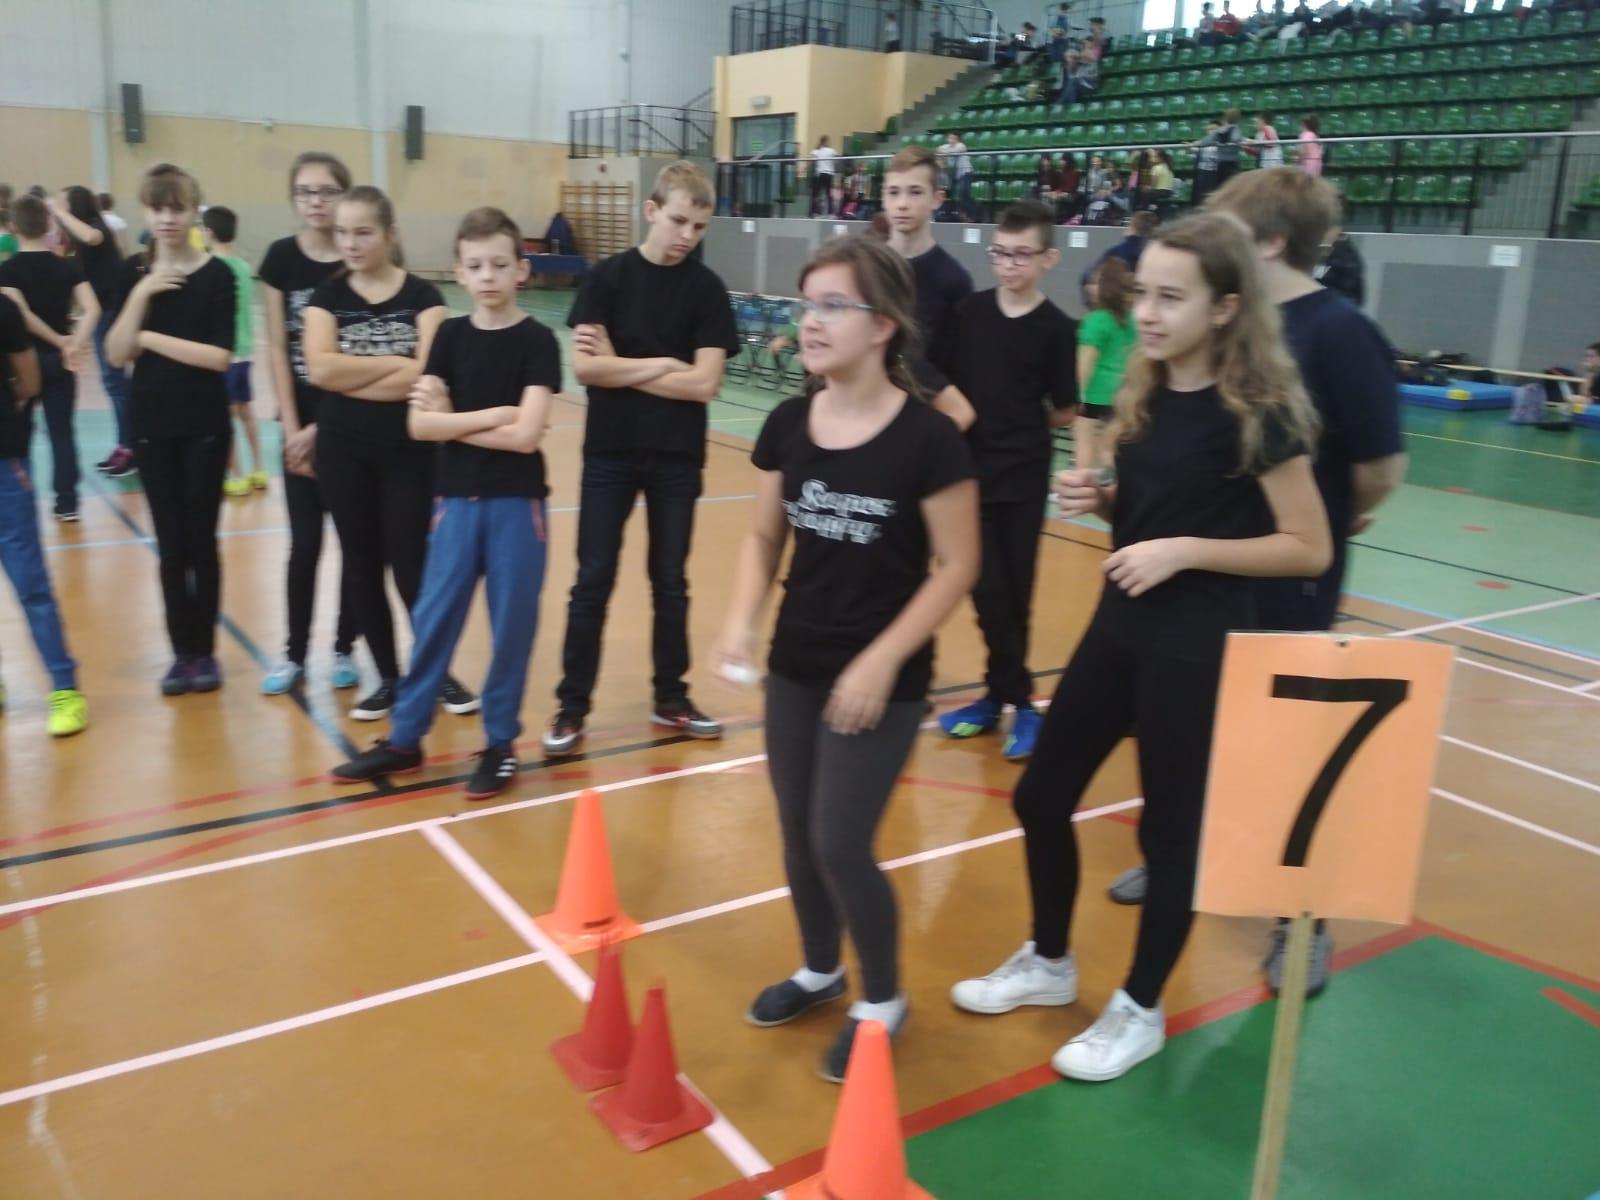 793573a18 Źródło: http://spdratow.szkolna.net/n,xvii-olimpiada-integracyjna-w-lecznej